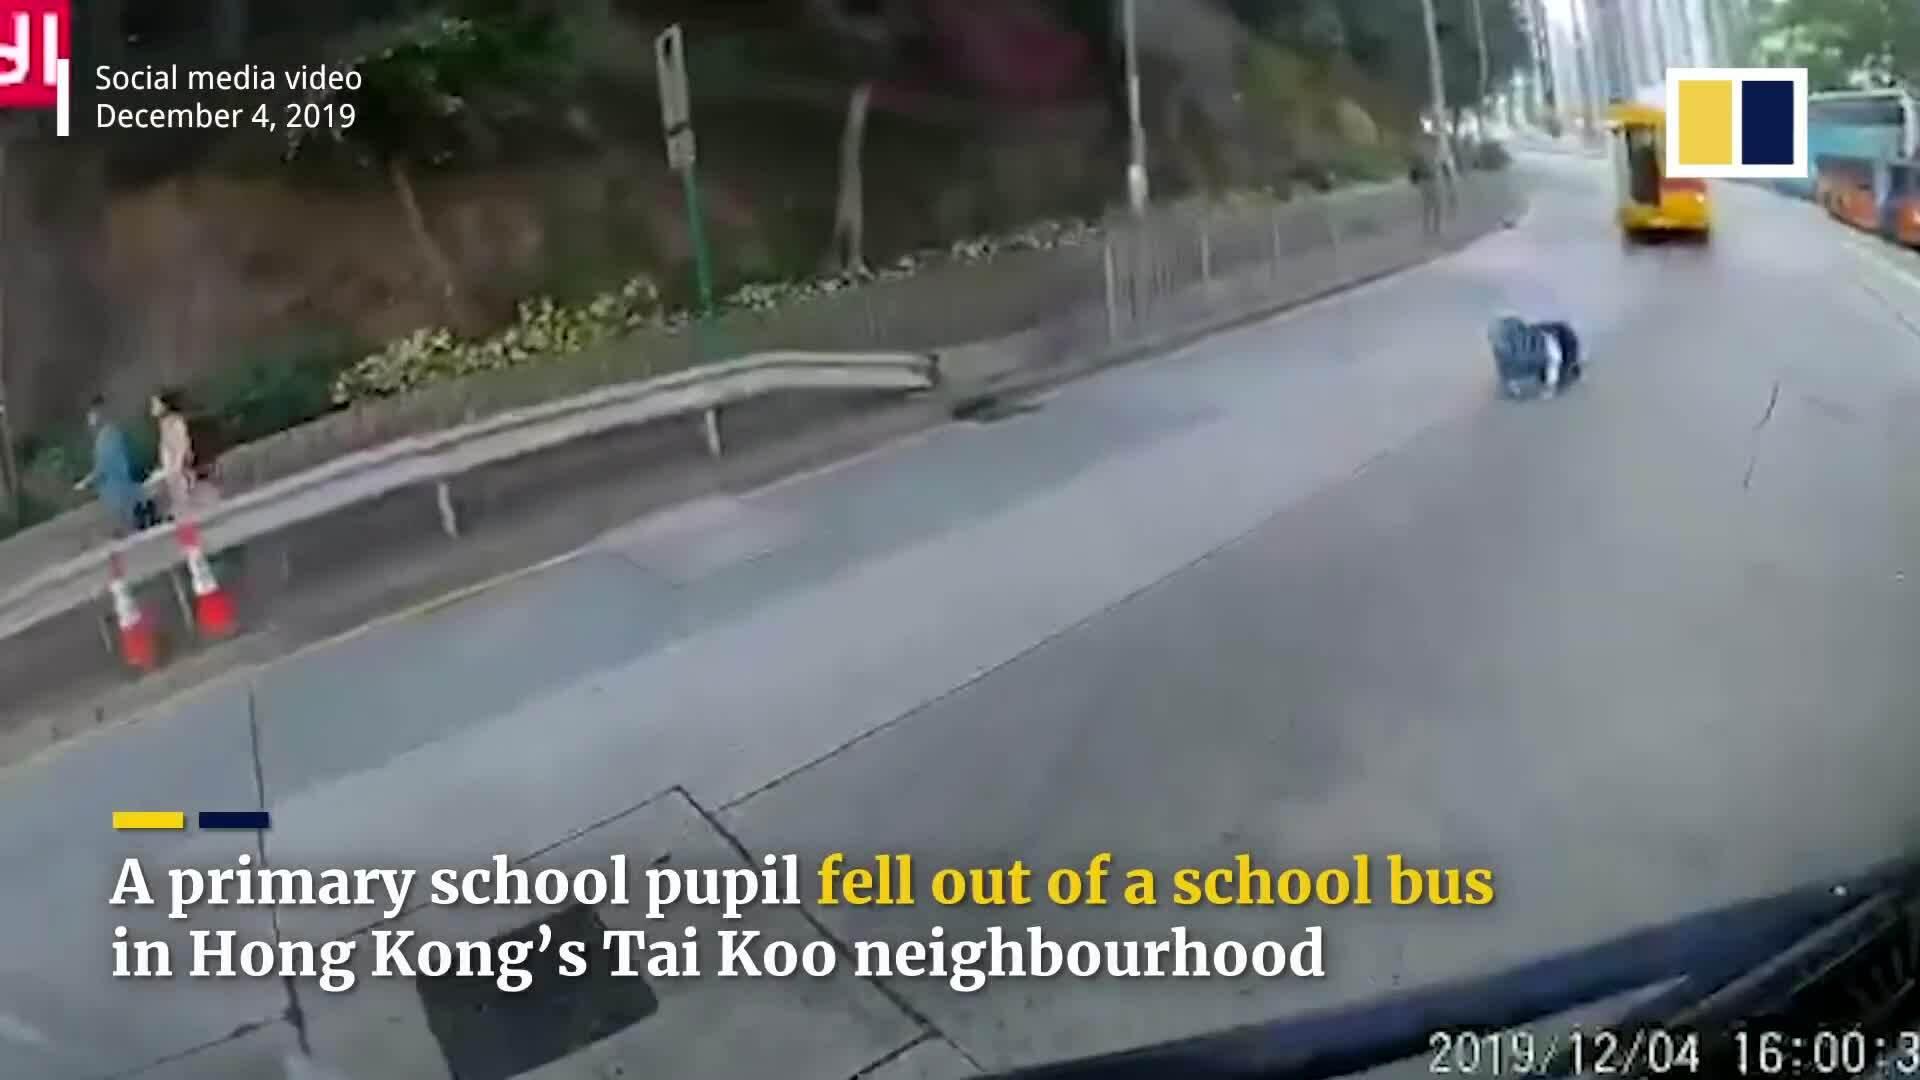 Hong Kong điều tra vụ học sinh ngã khỏi xe buýt trường học